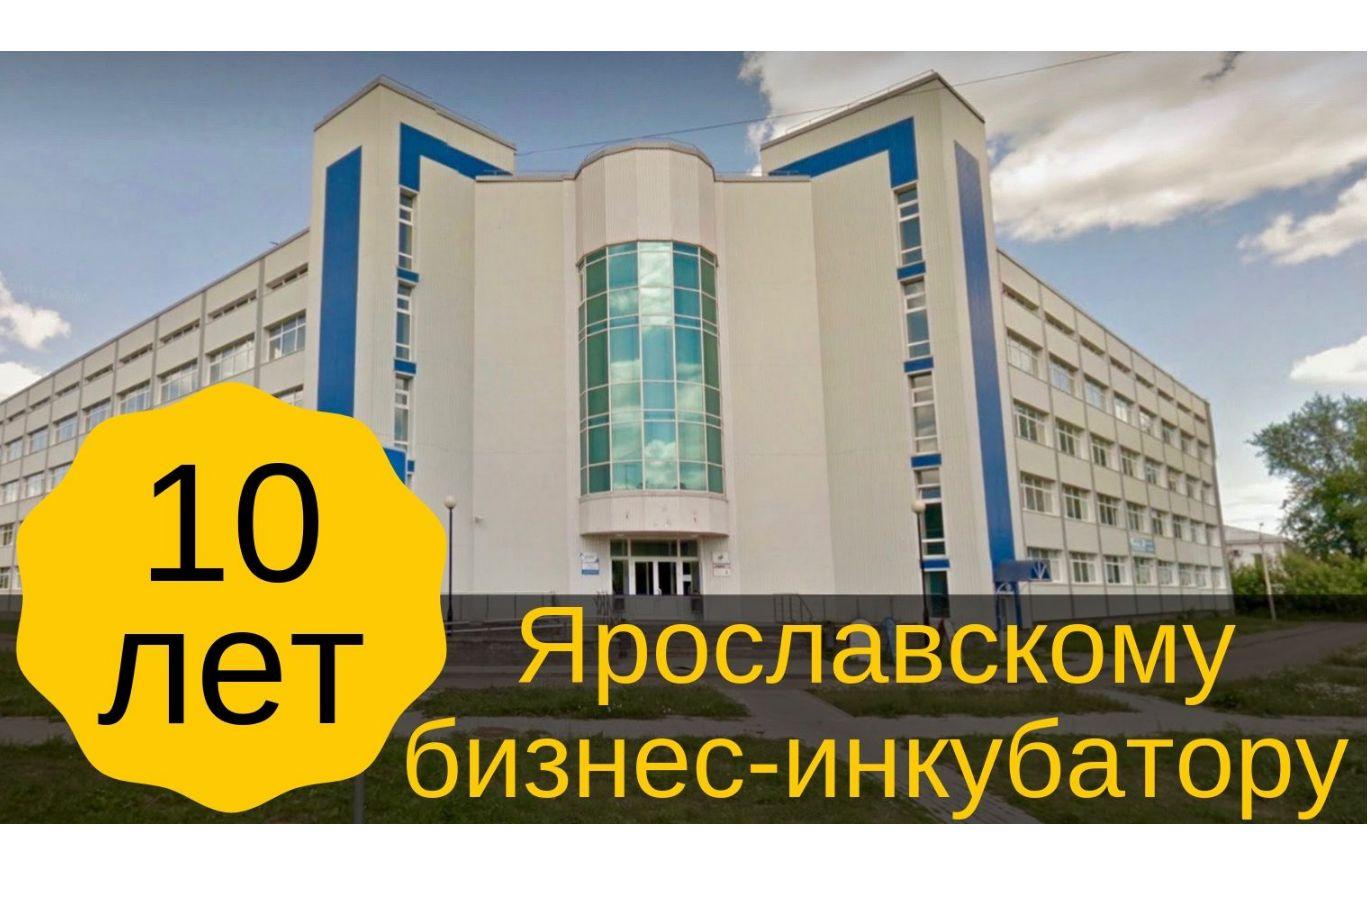 Благодаря бизнес-инкубатору в Ярославской области появилось около 750 новых рабочих мест